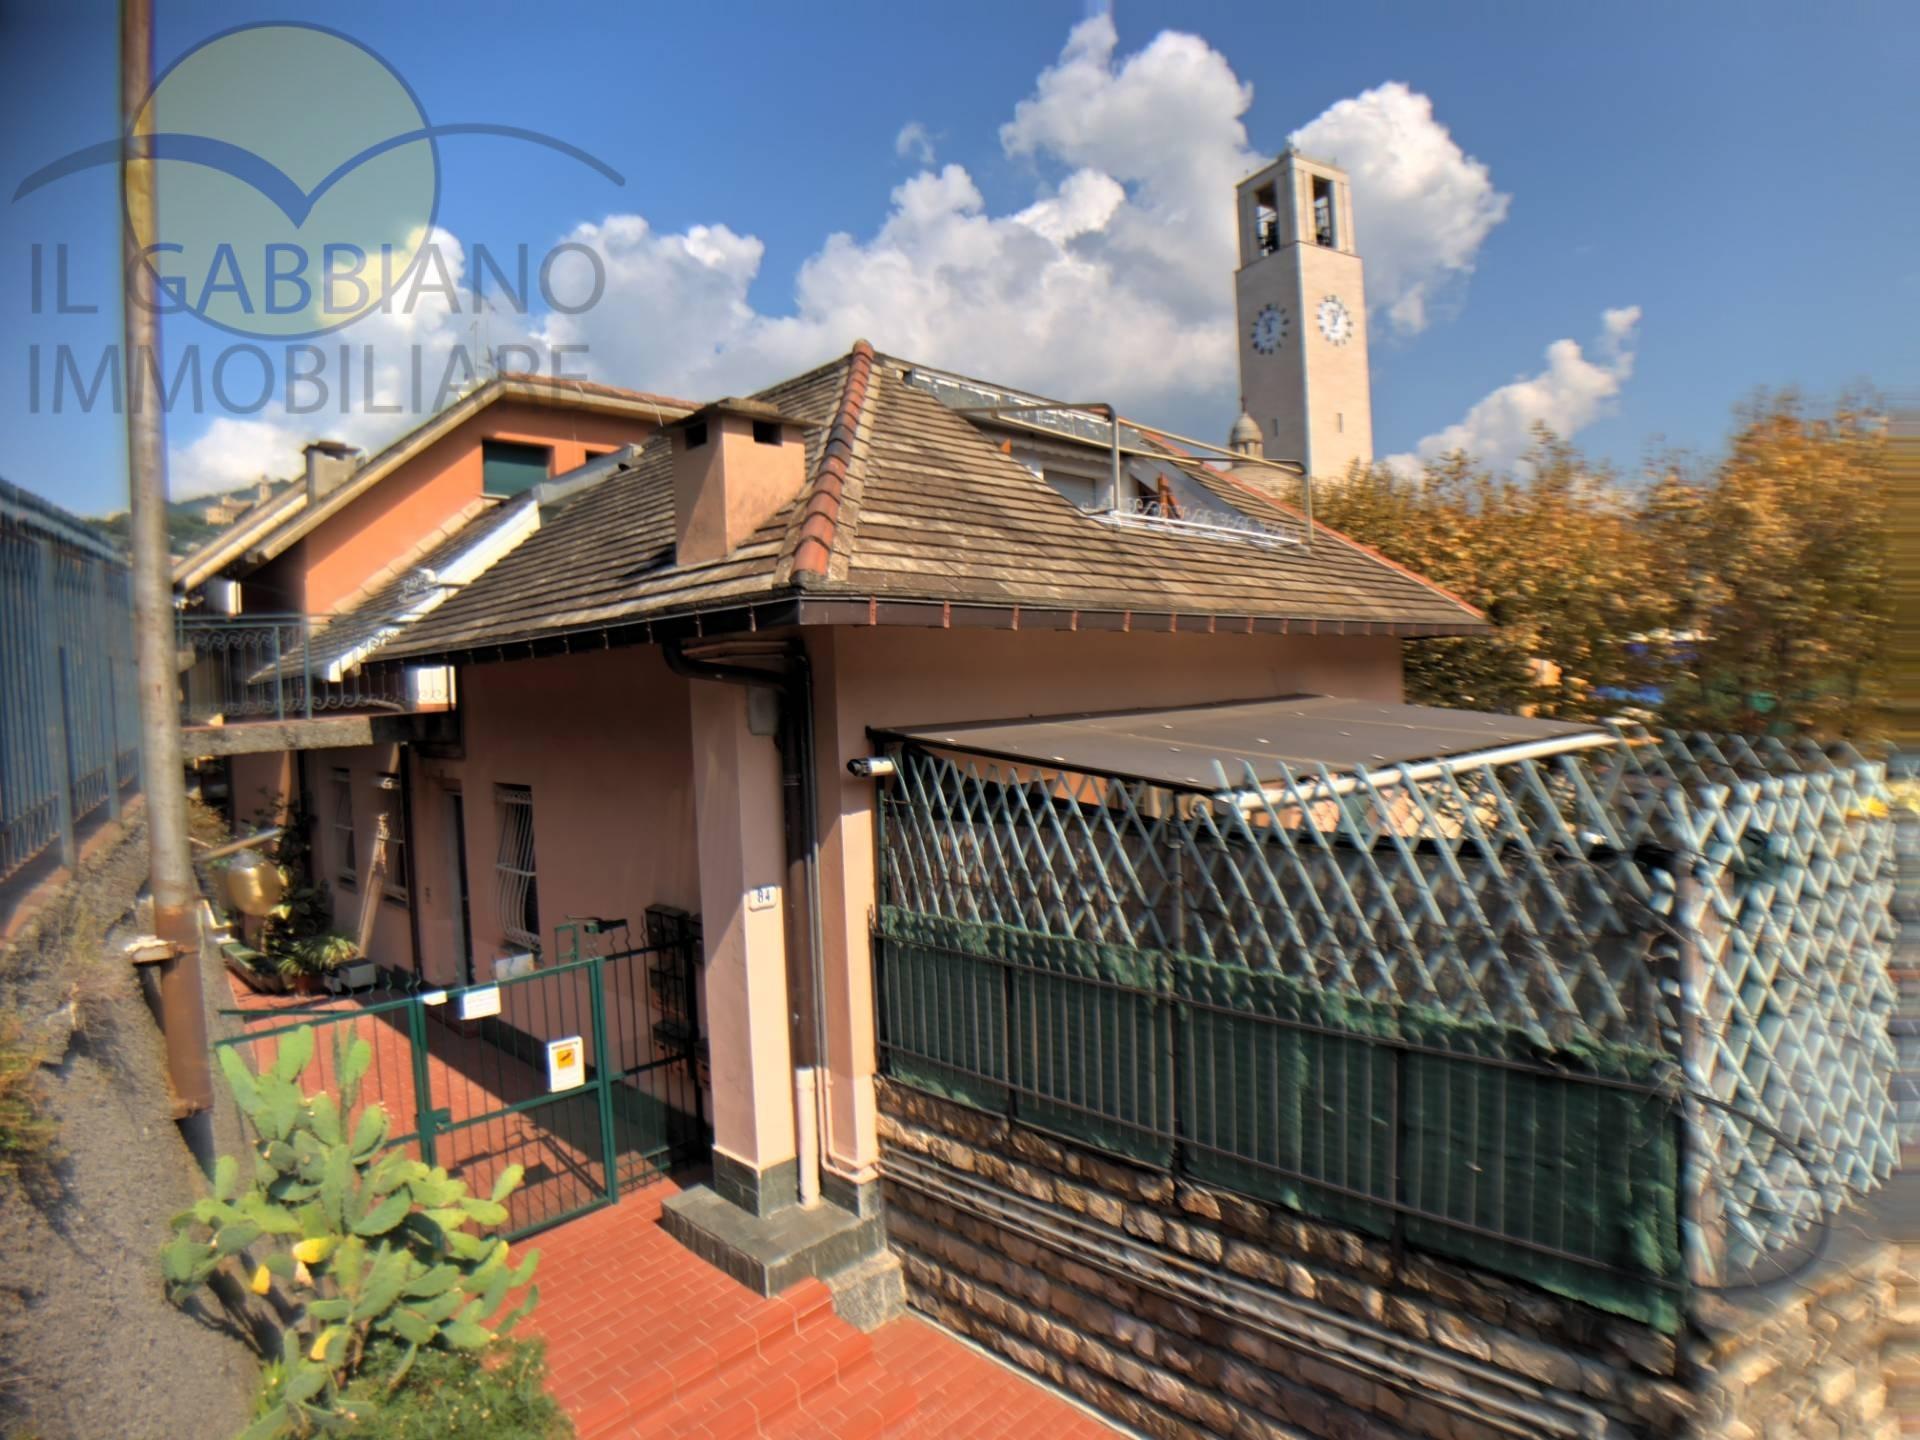 Appartamento in affitto a Recco, 4 locali, zona Località: Centro, prezzo € 600 | PortaleAgenzieImmobiliari.it